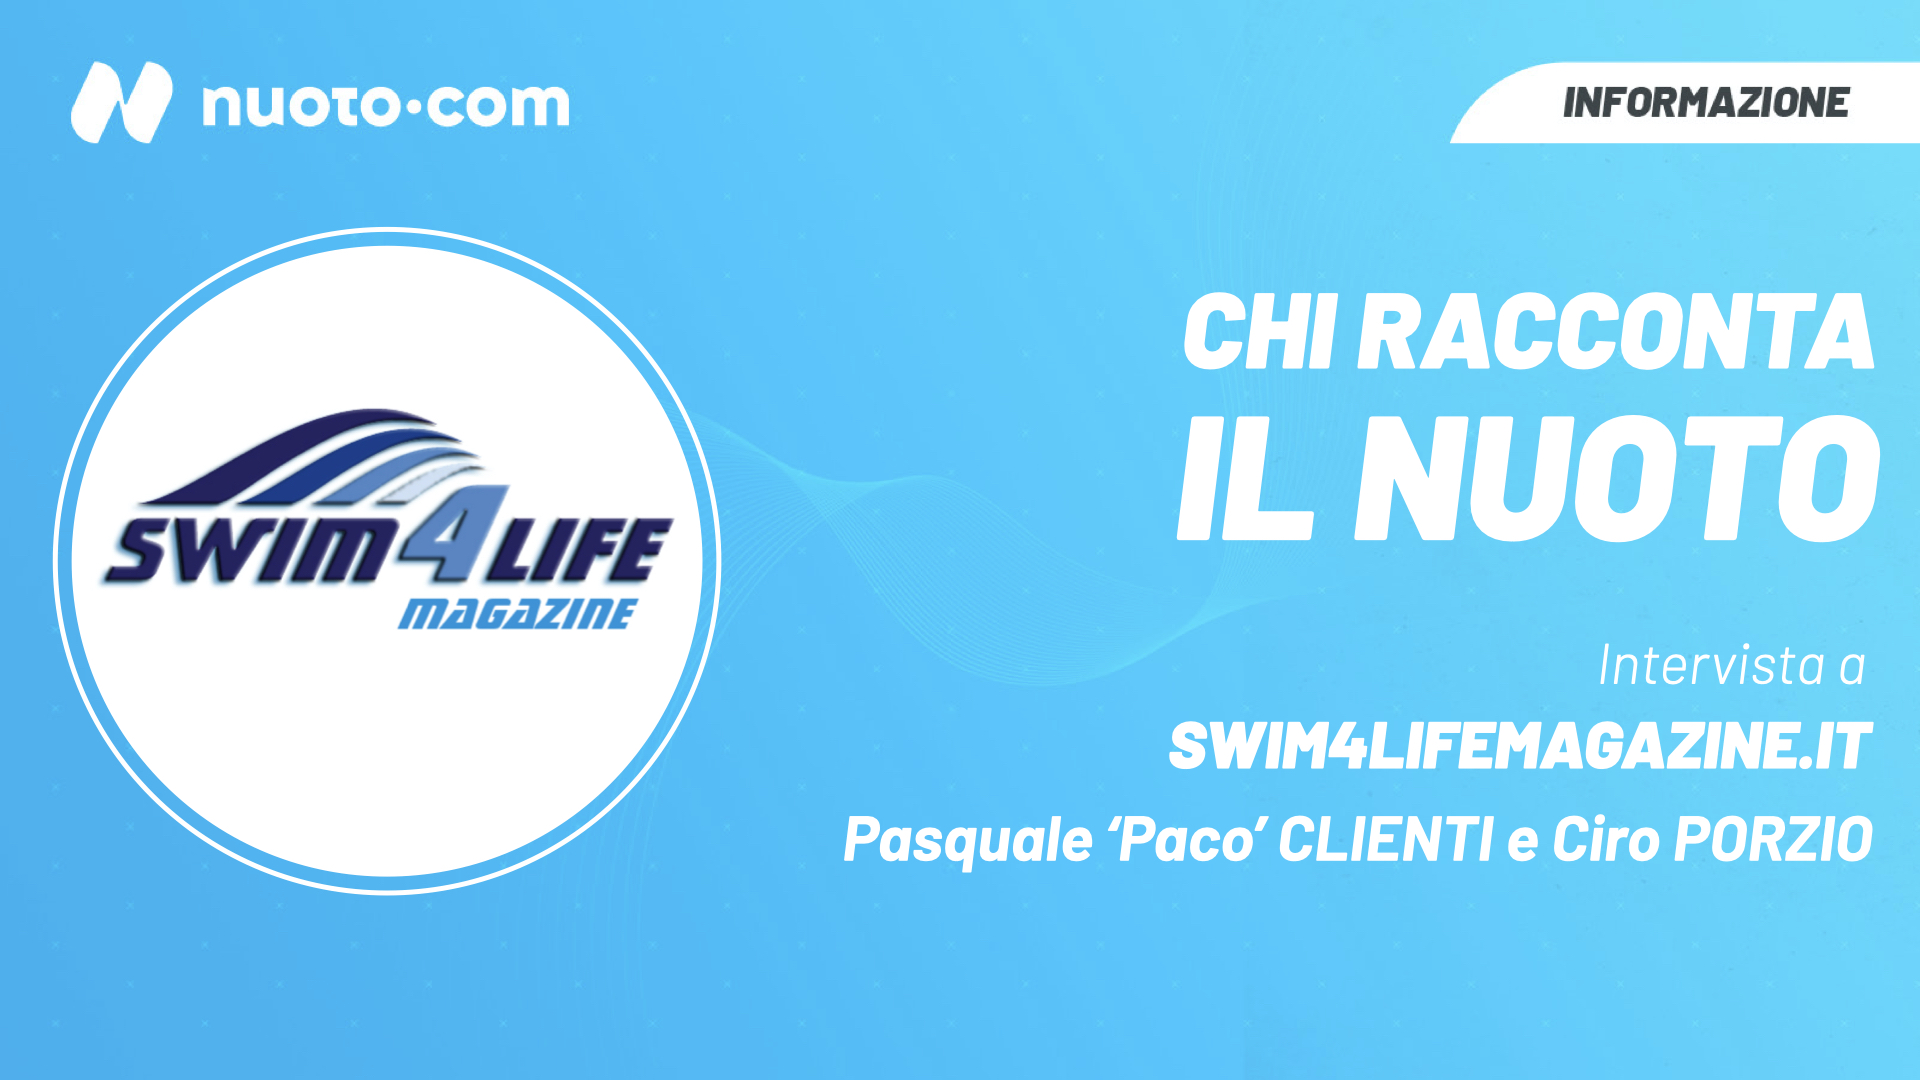 Chi racconta il nuoto – Intervista a Swim4lifemagazine.it